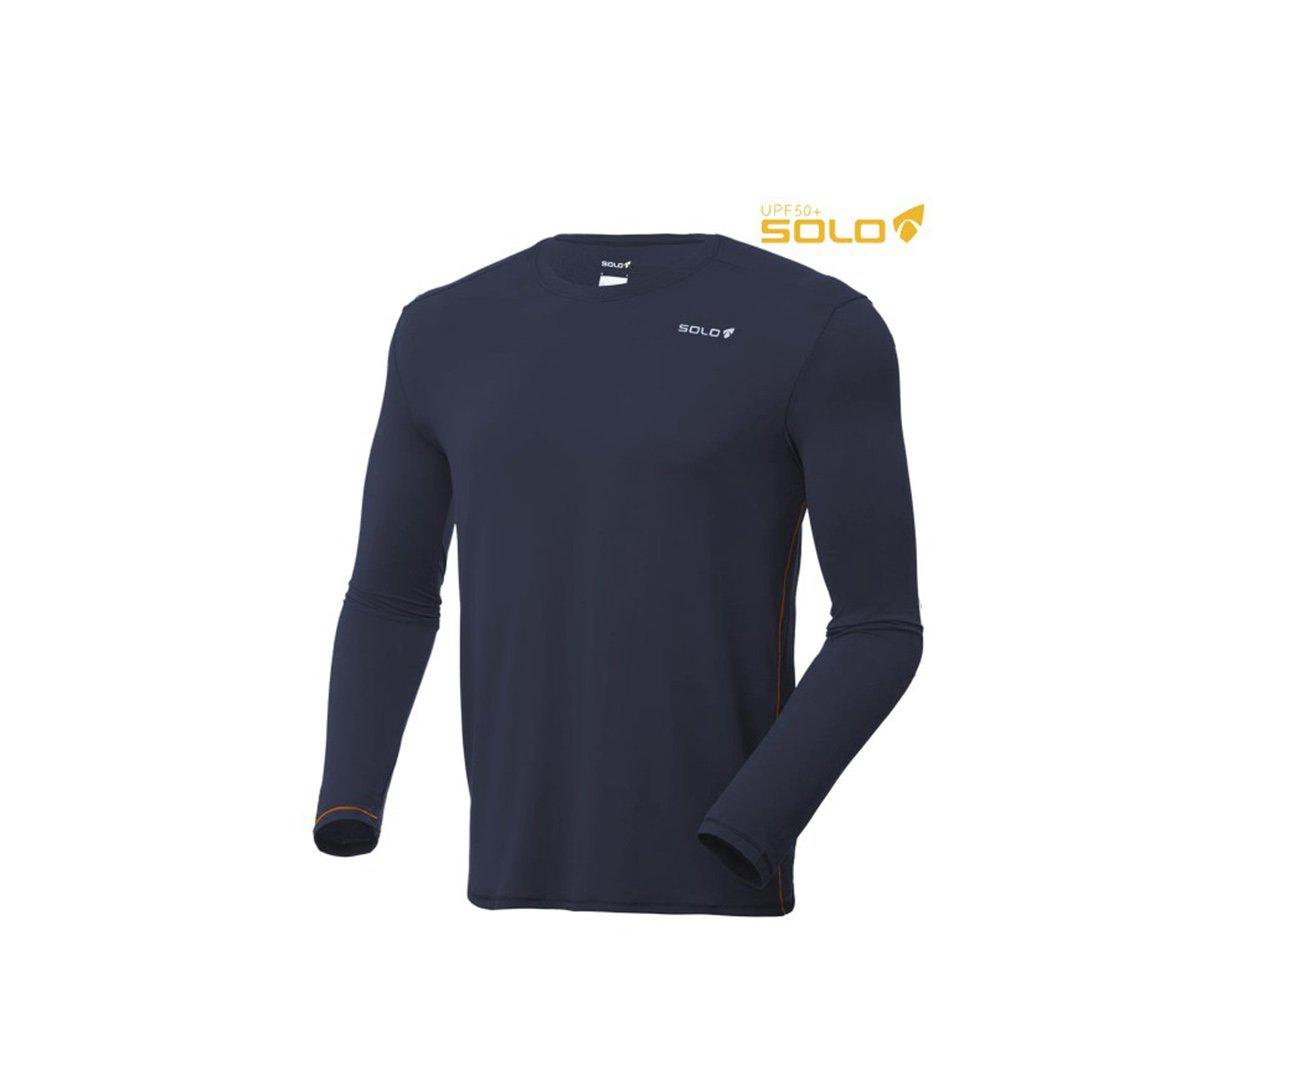 Camiseta Ion Uv Ml Azul Escuro - Proteção Uva/uvb 50+ Fps -  Solo